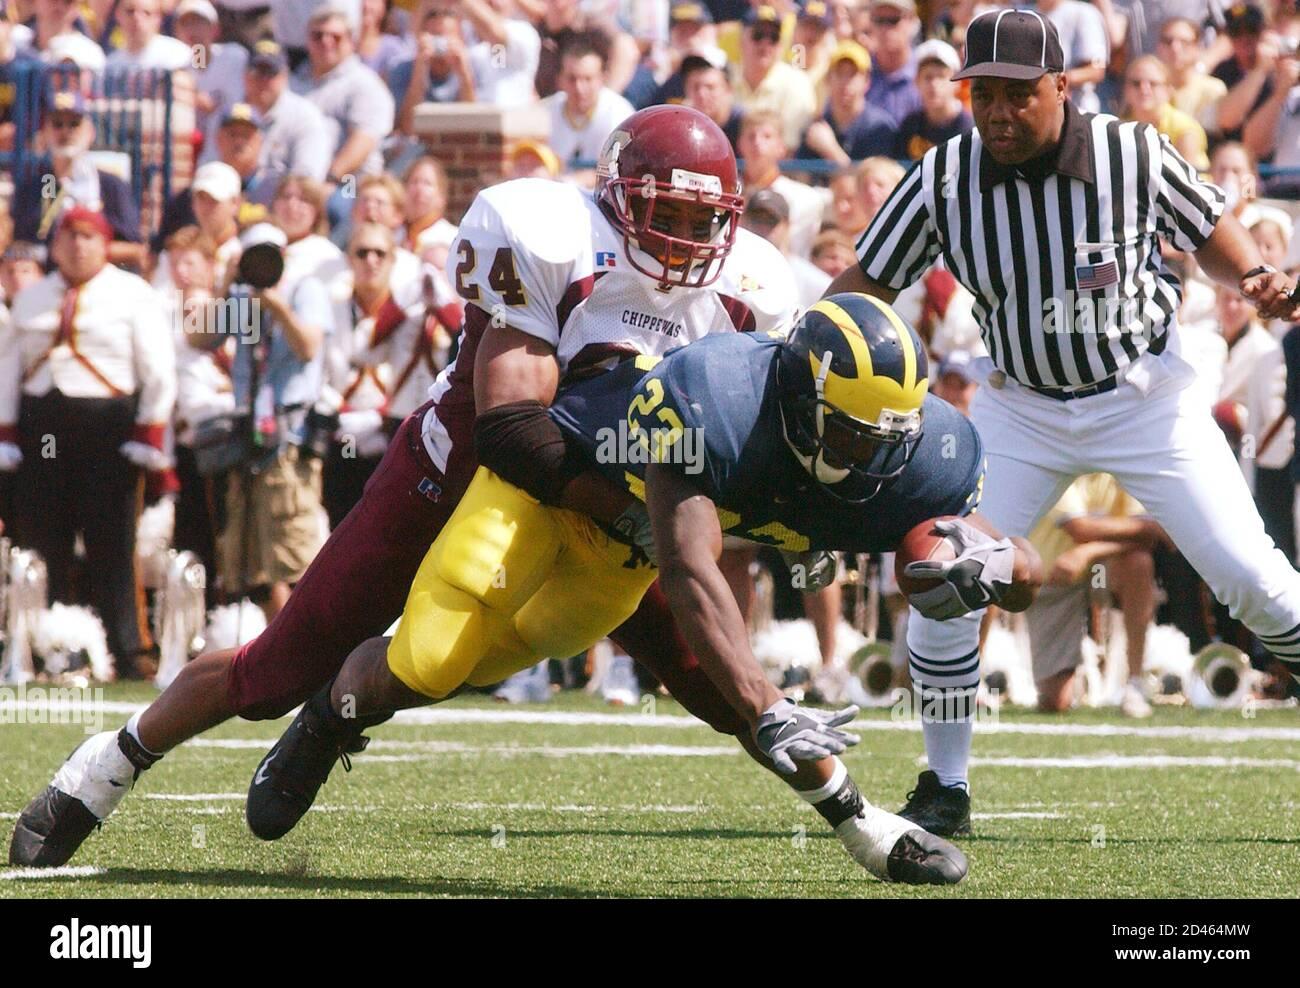 El regreso de la Universidad de Michigan Chris Perry (23) se sumerge en un touchdown con el Central Michigan James King (24) fallando en detenerlo en el segundo cuarto del juego en el Michigan Stadium en Ann Arbor, 30 de agosto de 2003. REUTERS/Rebecca Cook RC Foto de stock